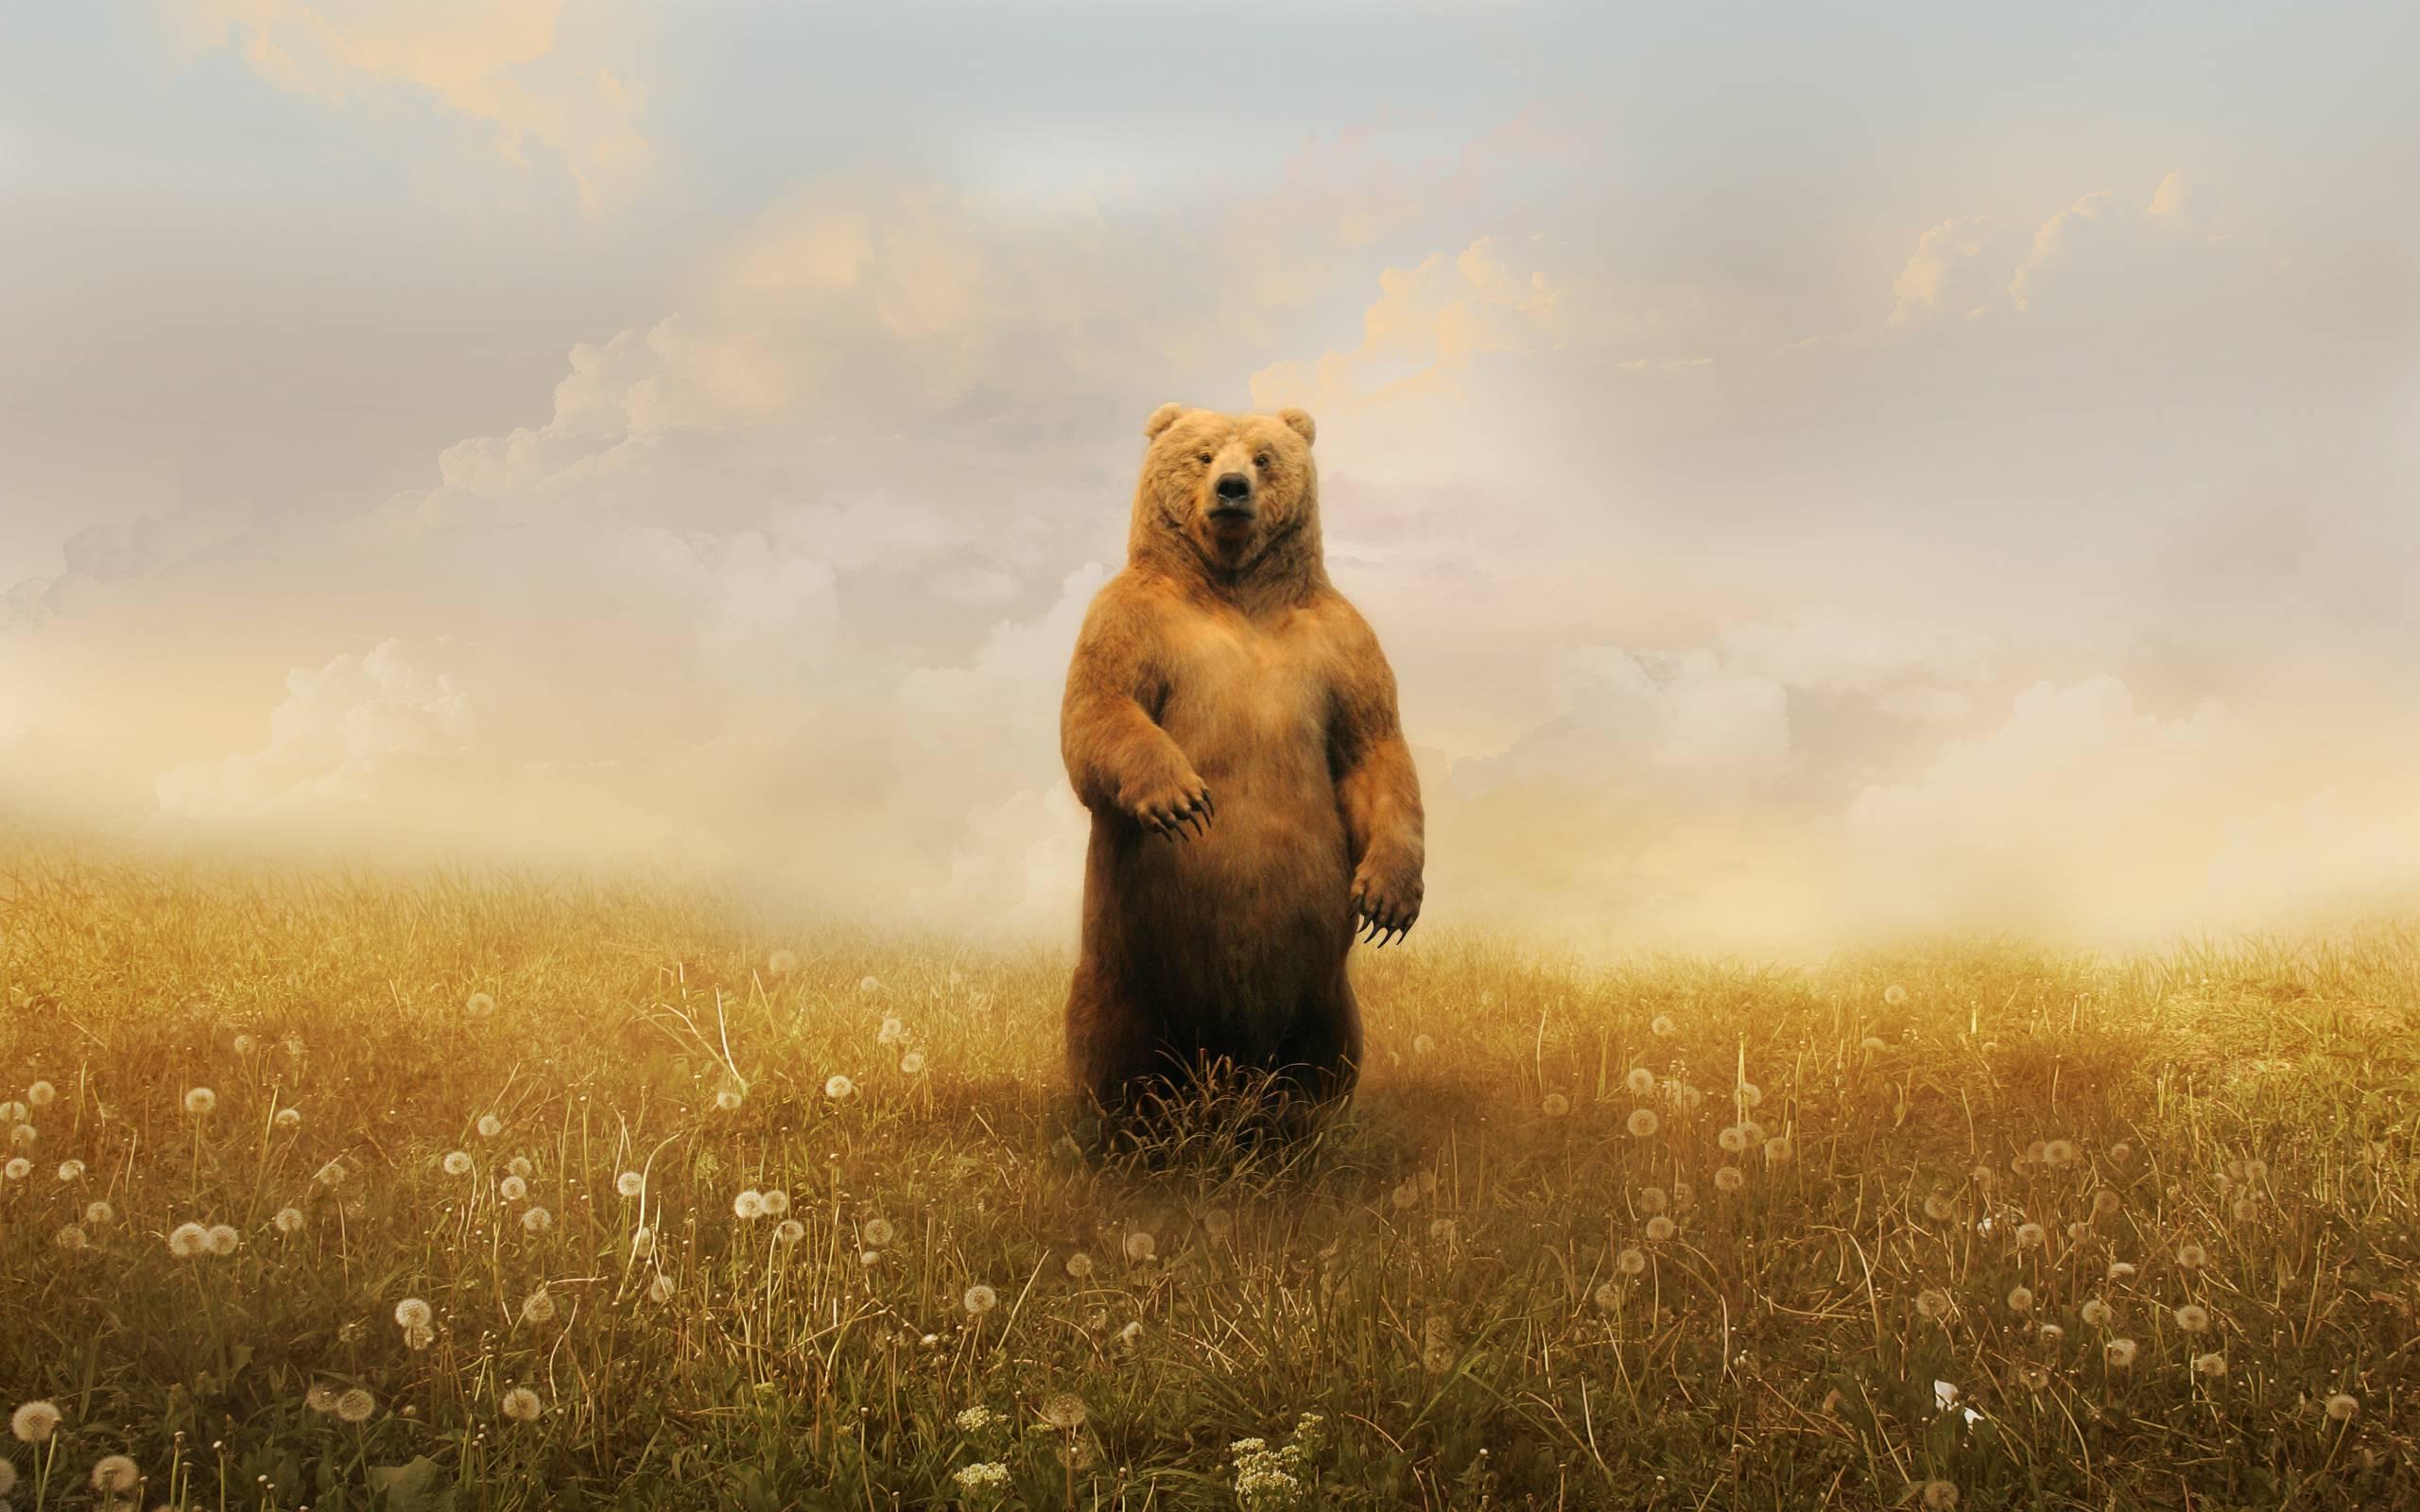 Bear Art Wallpaper - Viewing Gallery